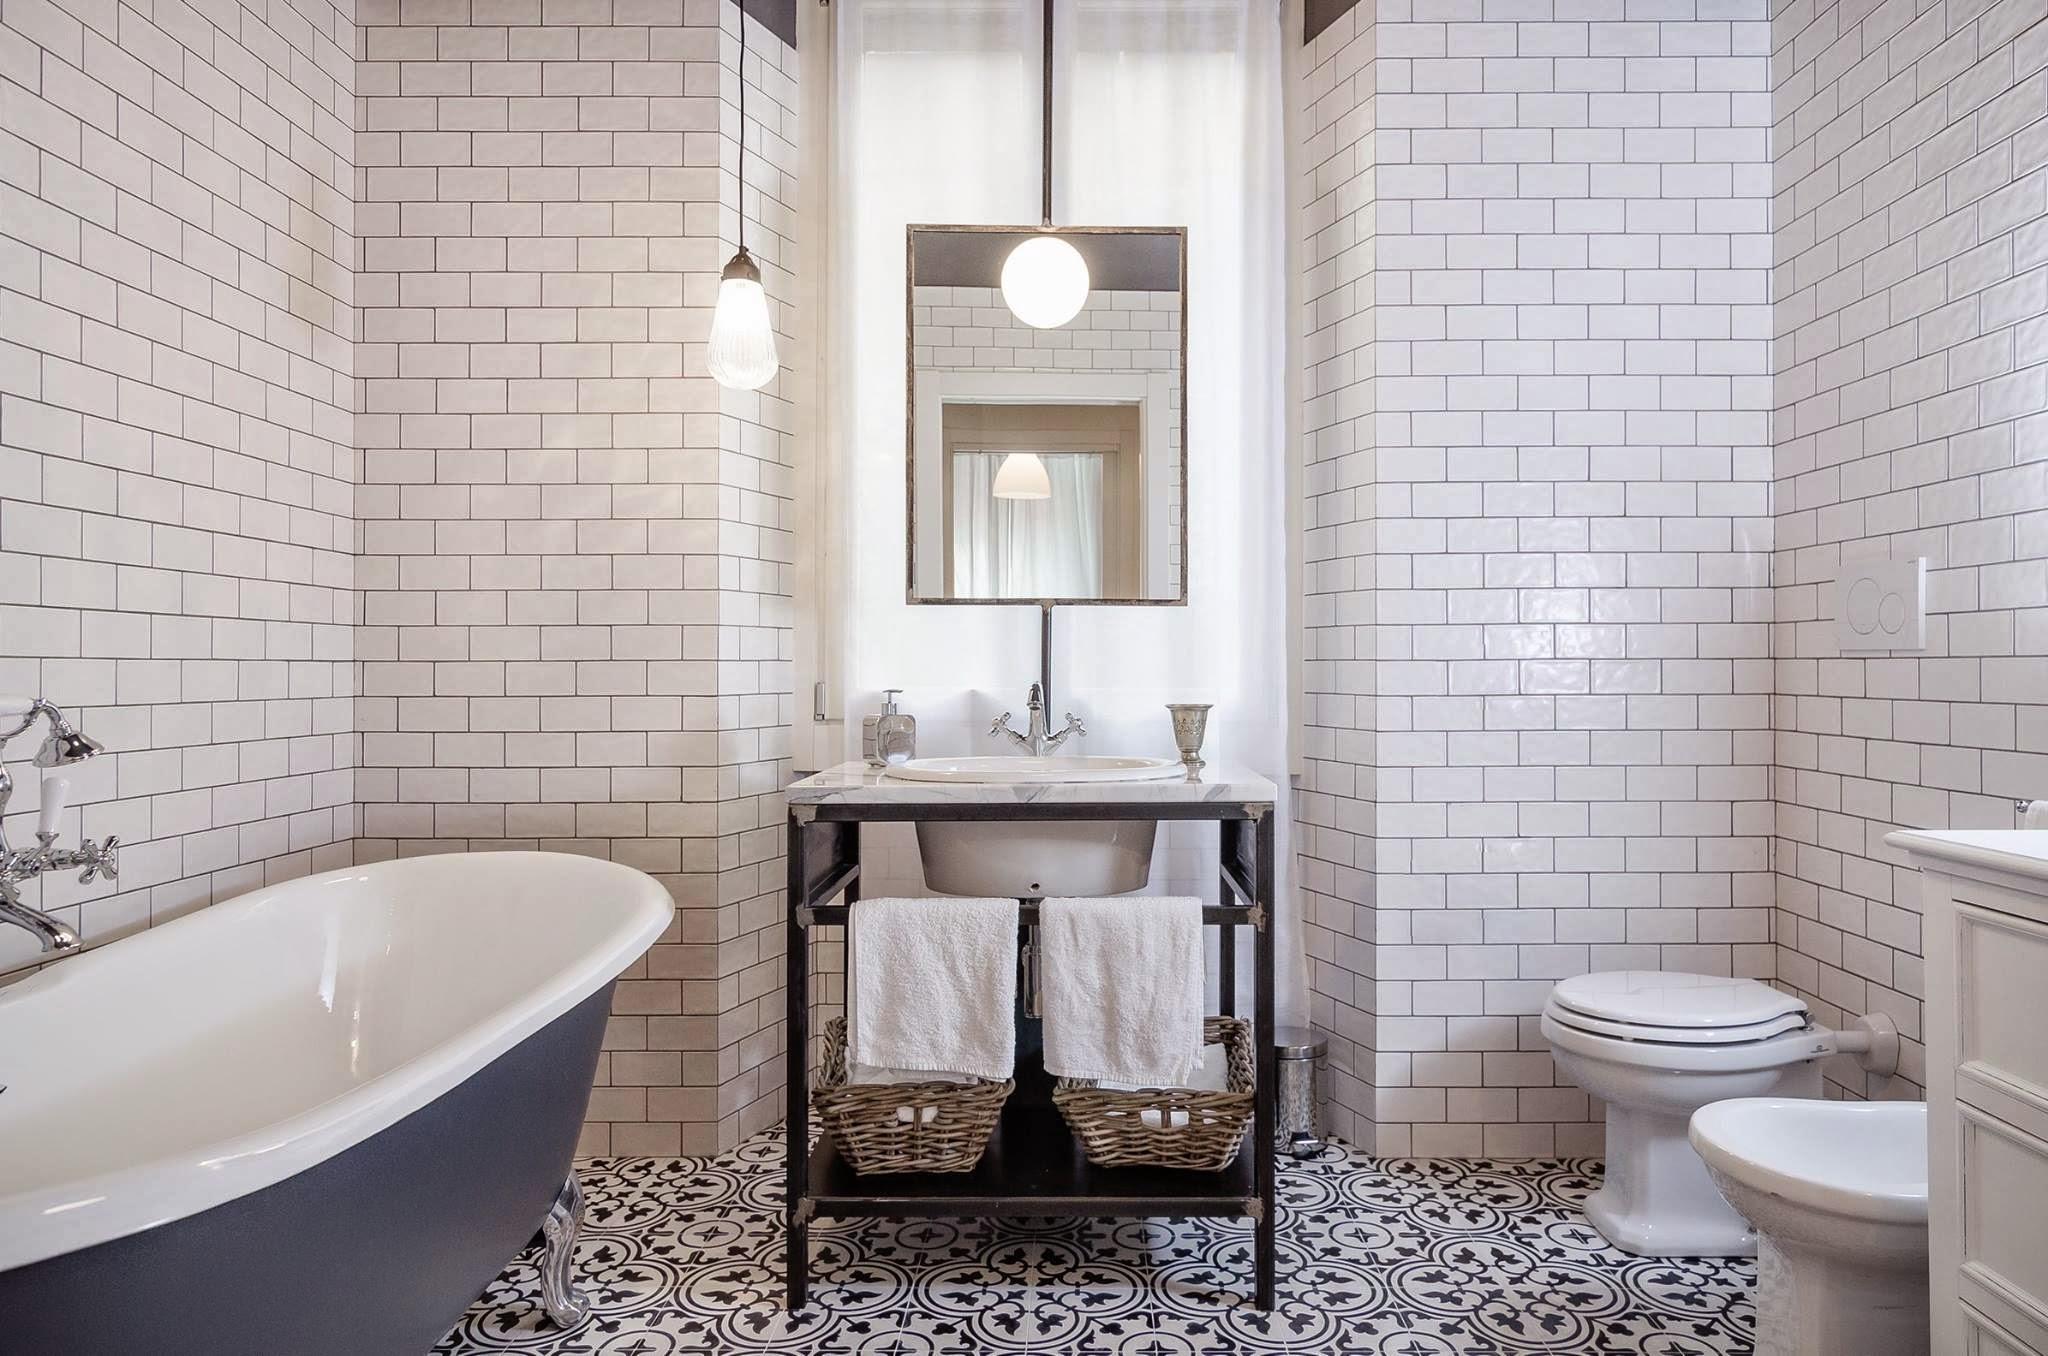 15 ispirazioni per un bagno vintage livingcorriere - Arredamento bagno immagini ...